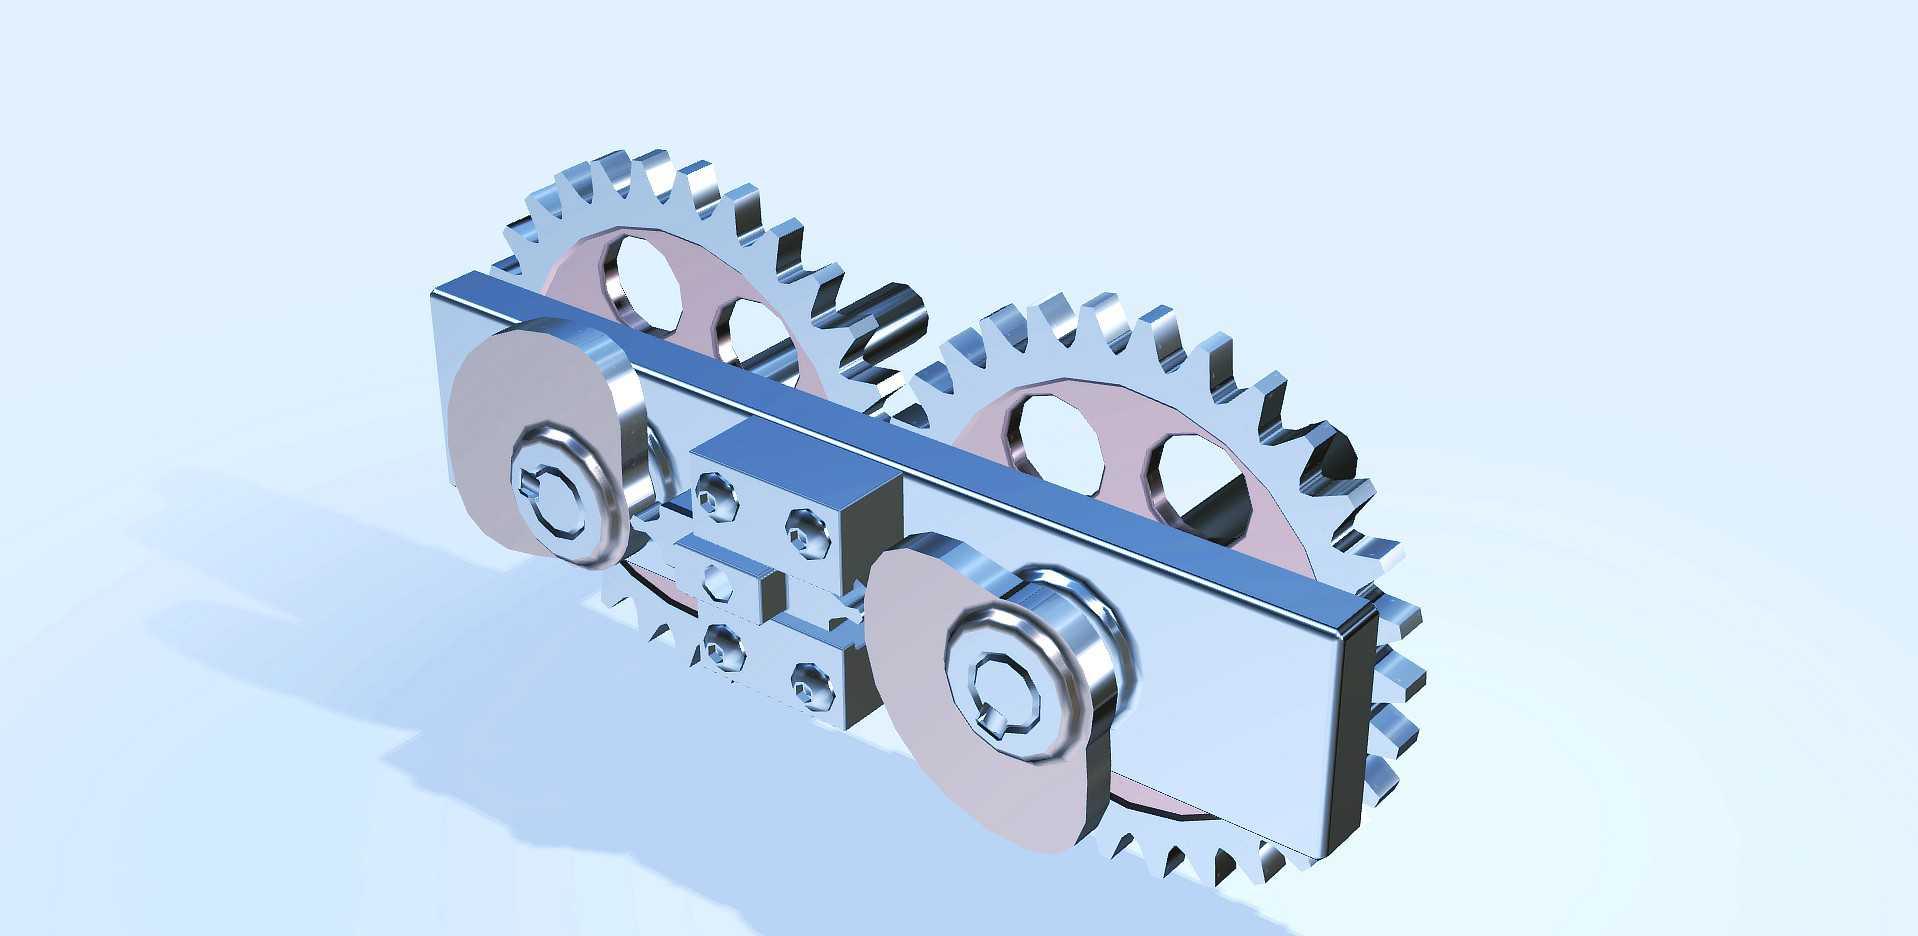 往复式凸轮结构机构交互式动动画